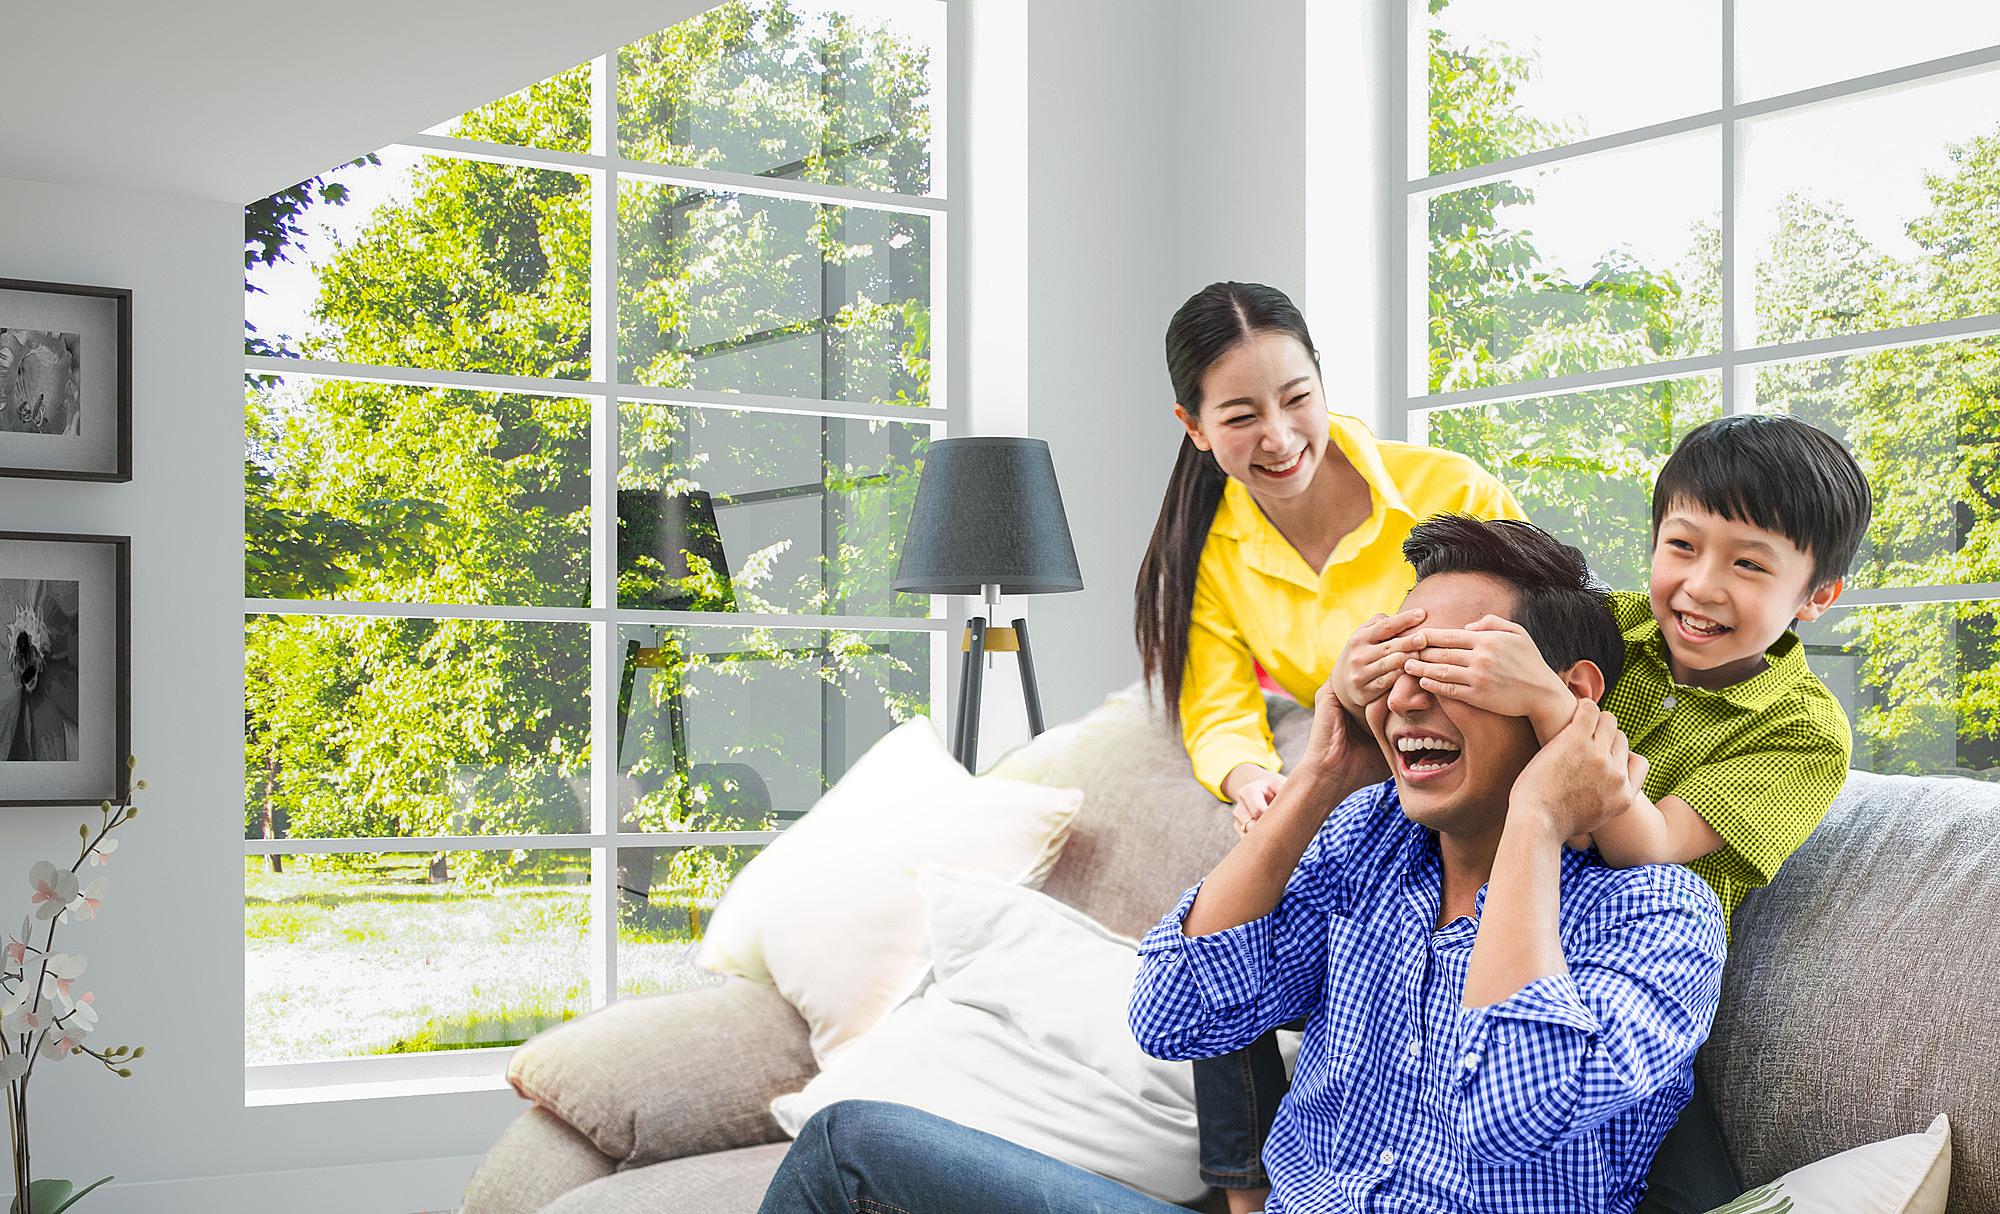 Khách hàng tham gia bảo hiểm Sun Life Việt Nam qua ACB có cơ hội nhận thẻ quà tặng hấp dẫn.